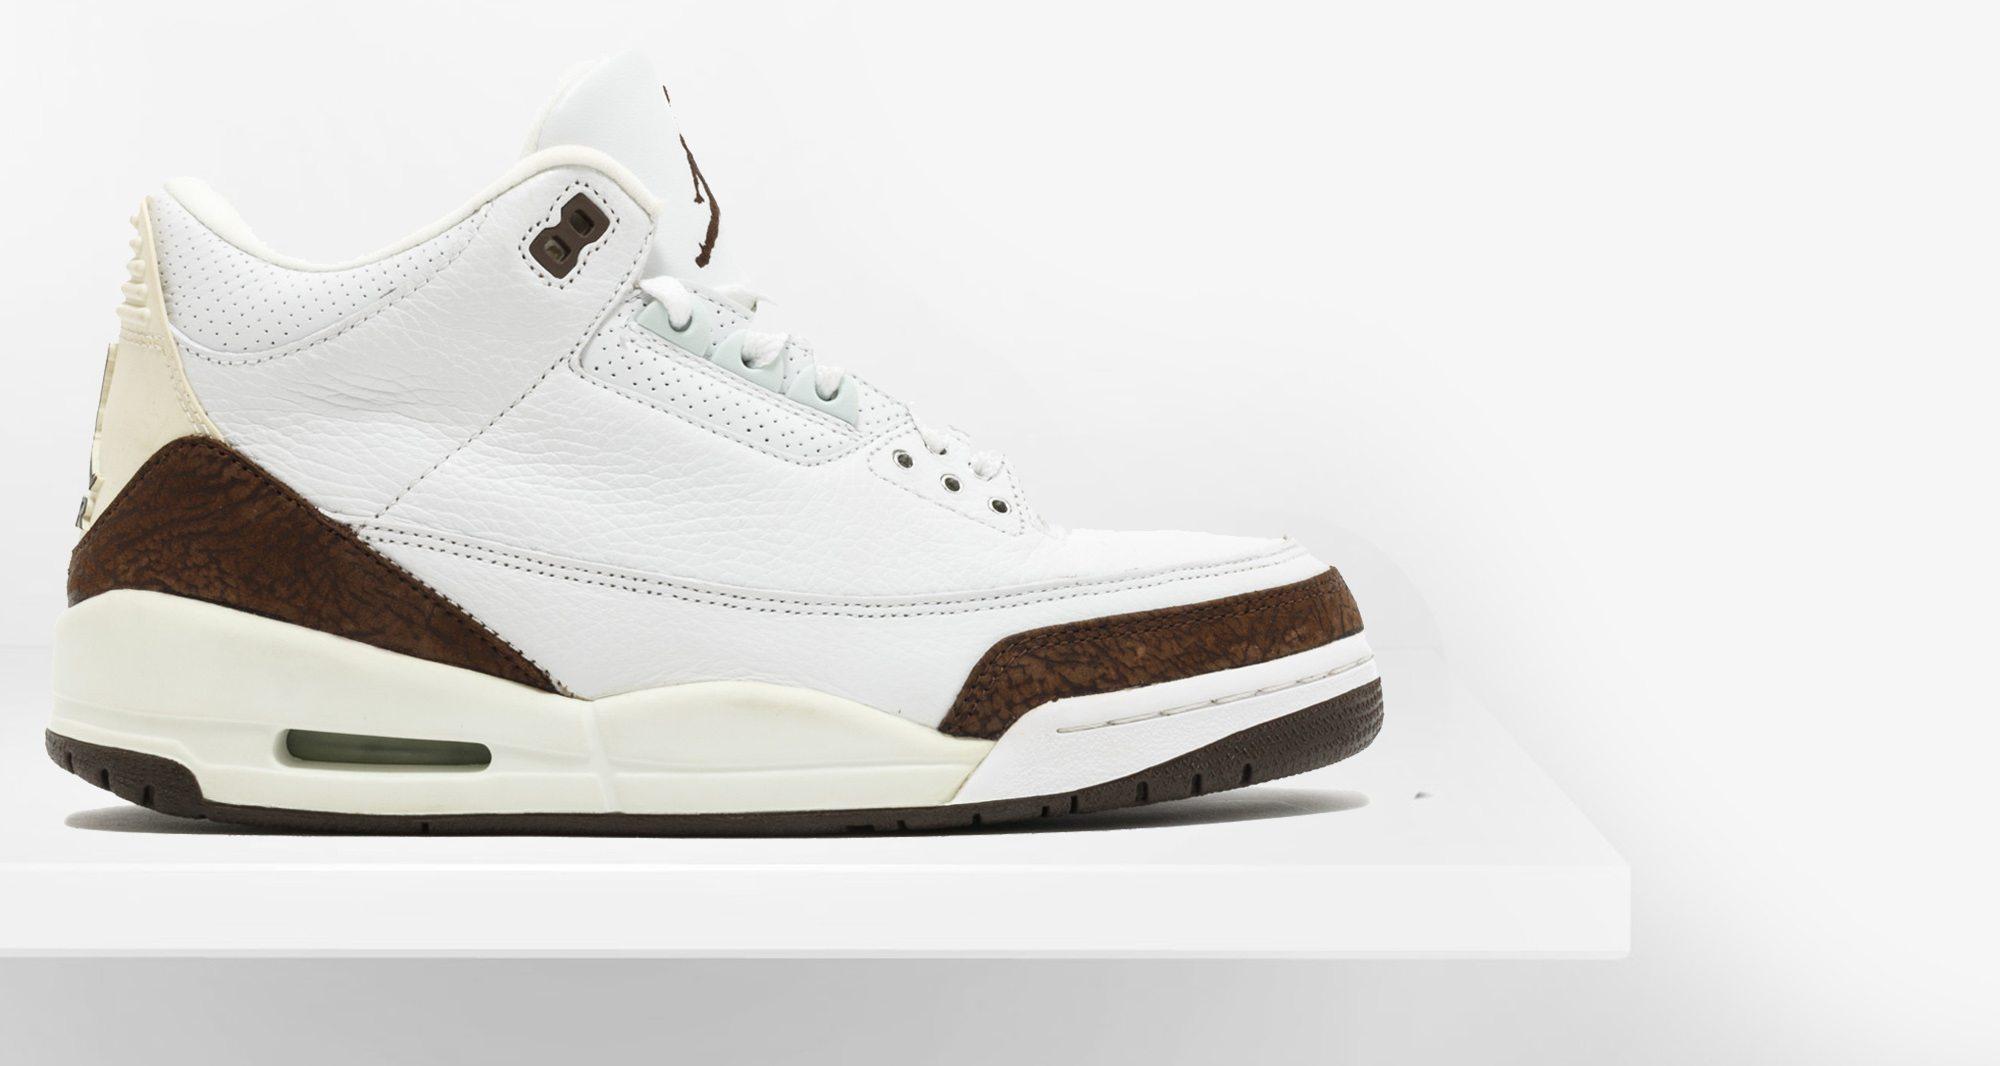 be4790181bdcf4 Air Jordan 3